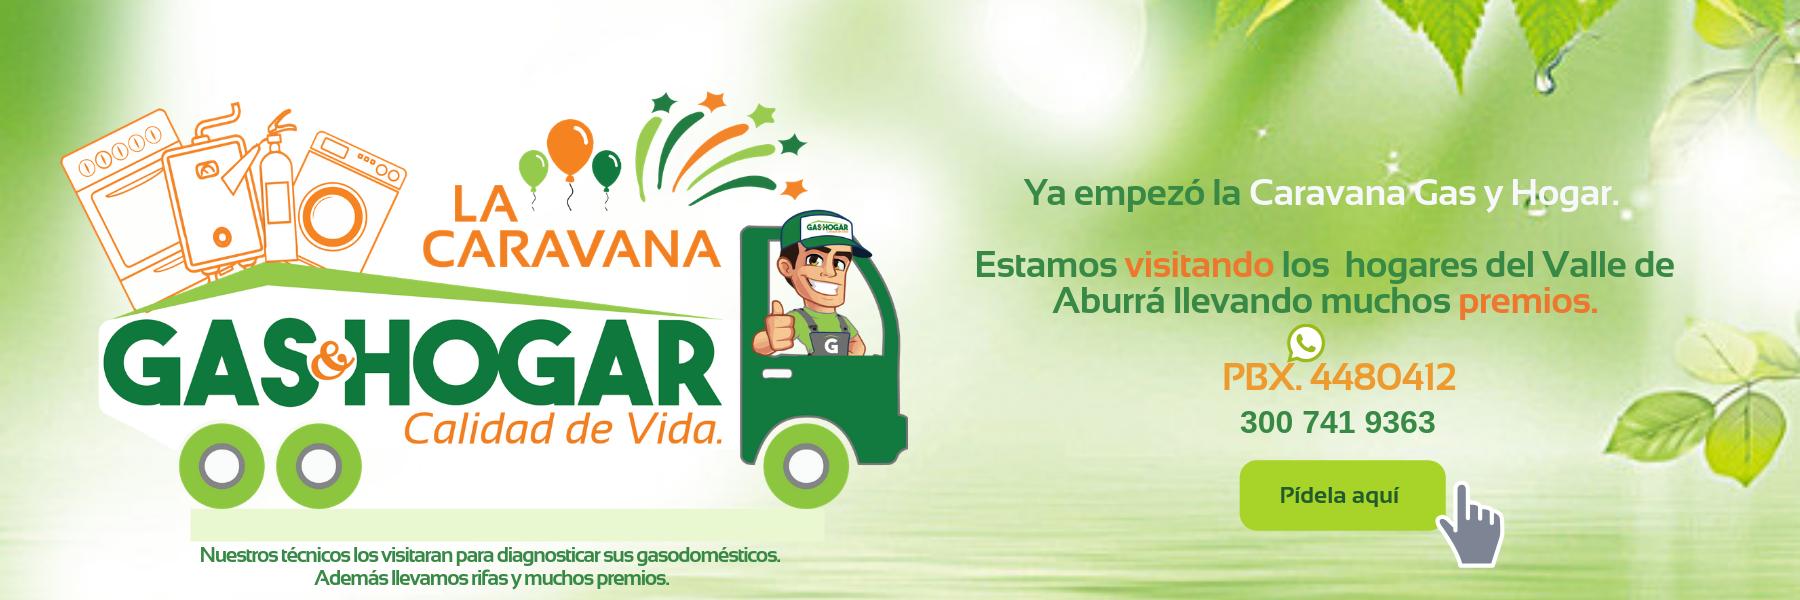 gas-y-hogar-banner-medio-ambiente